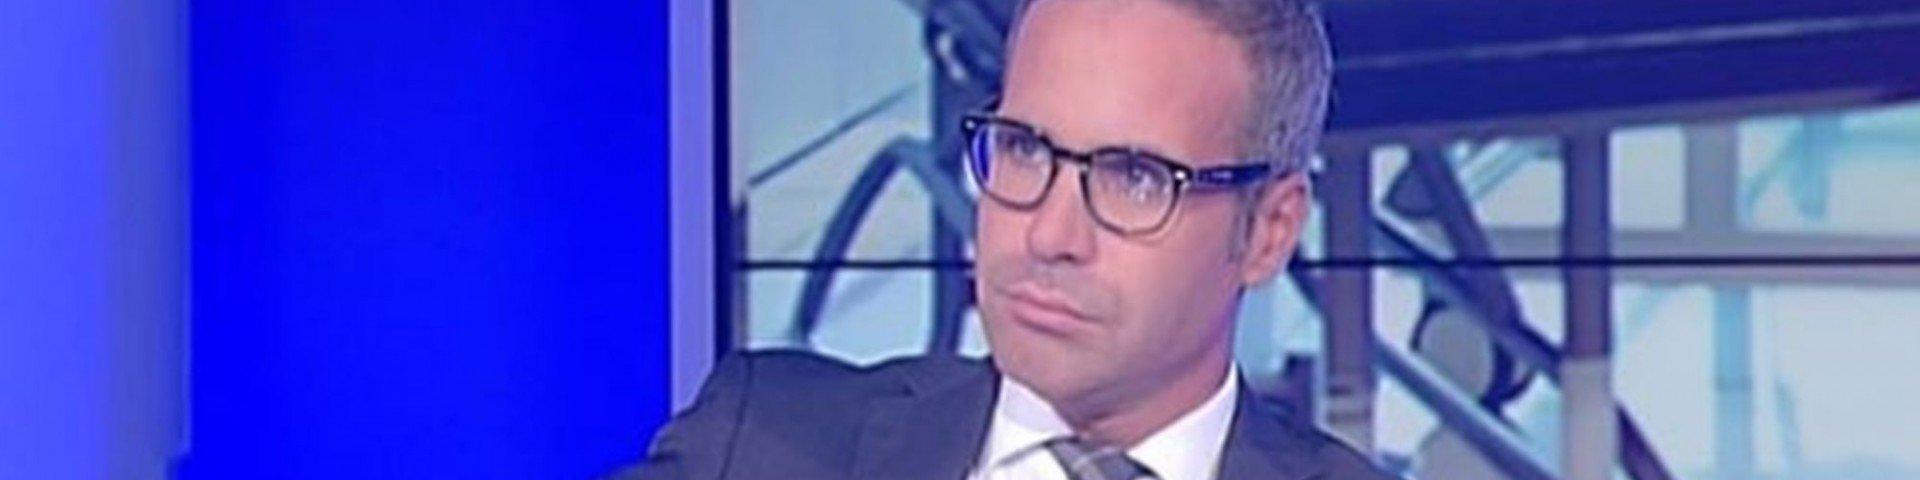 """L'Avvocato Bocciolini a Lingue a Sonagli: """"Gli omicidi volontari in forte calo durante l'isolamento? Però i femminicidi non accennano a diminuire!"""""""